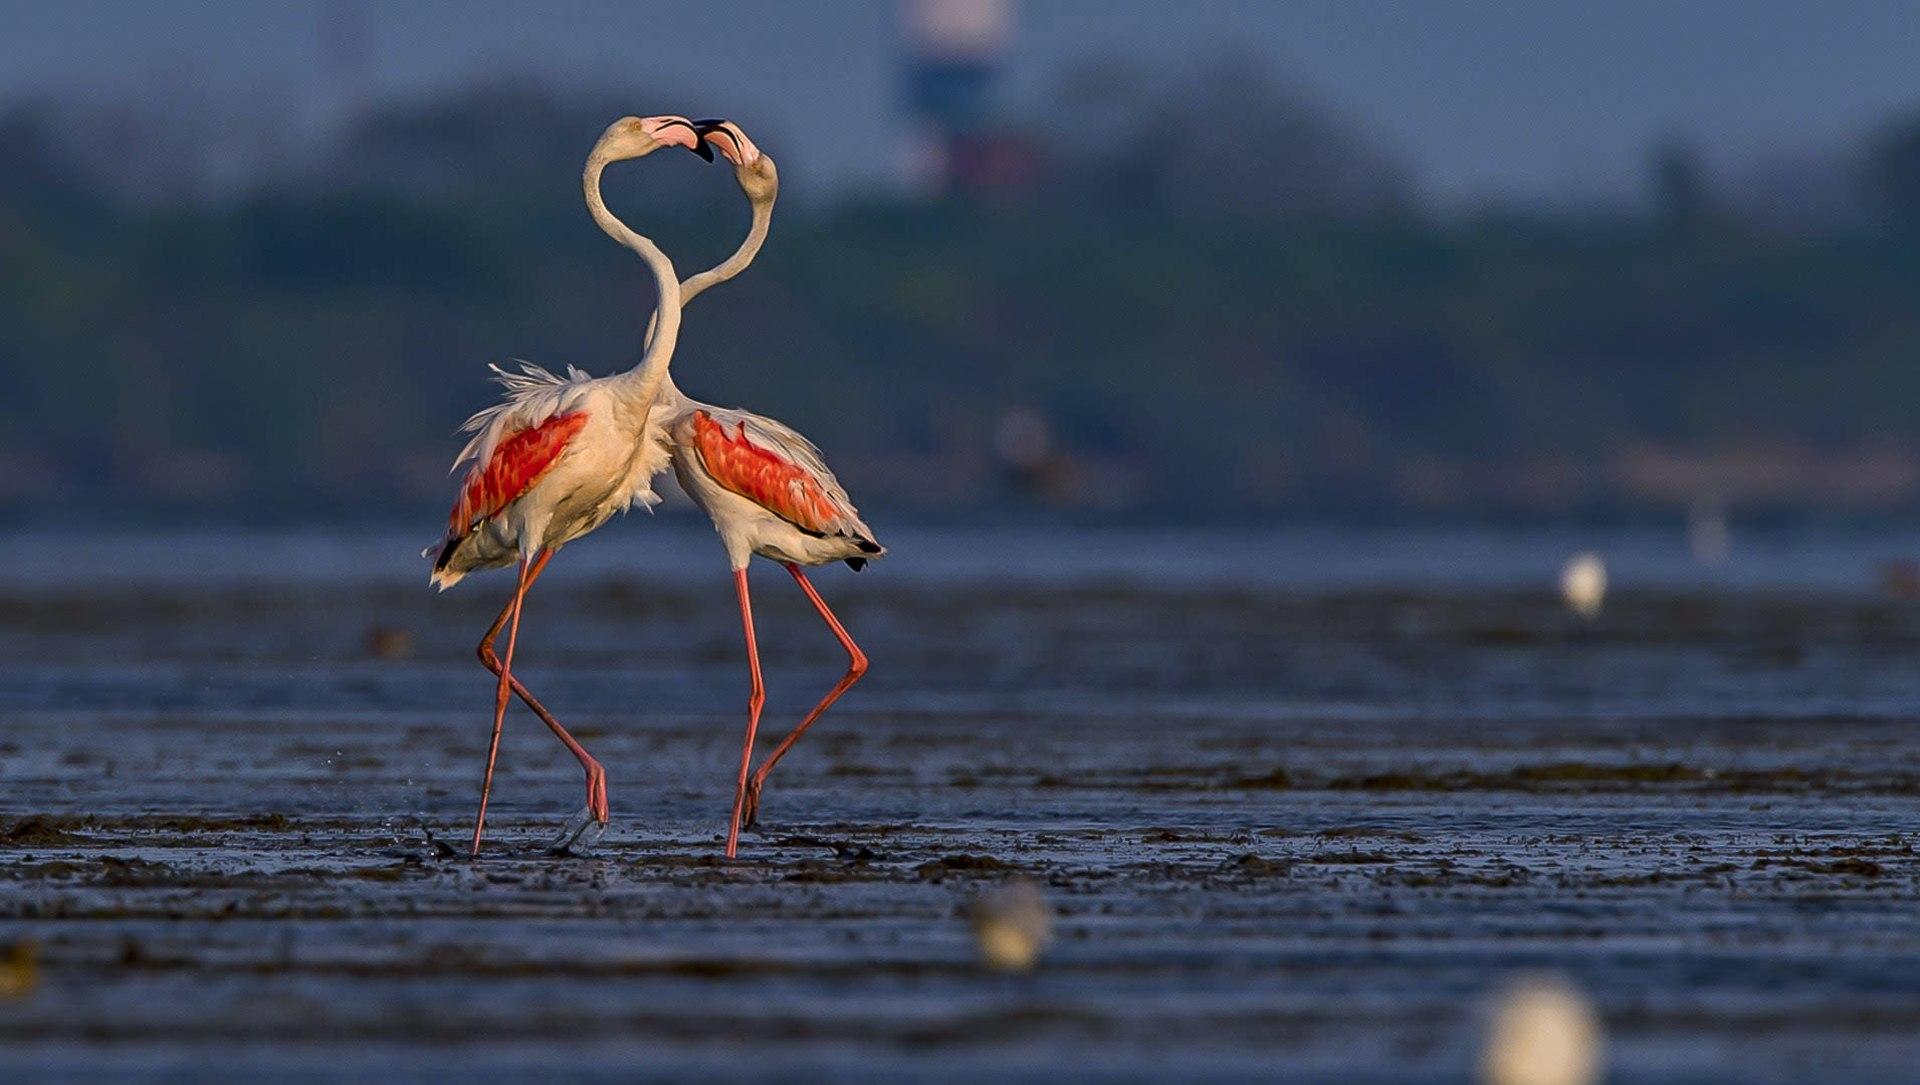 Frabjous Flamingos: Haughty Ballerinas of the Wetlands